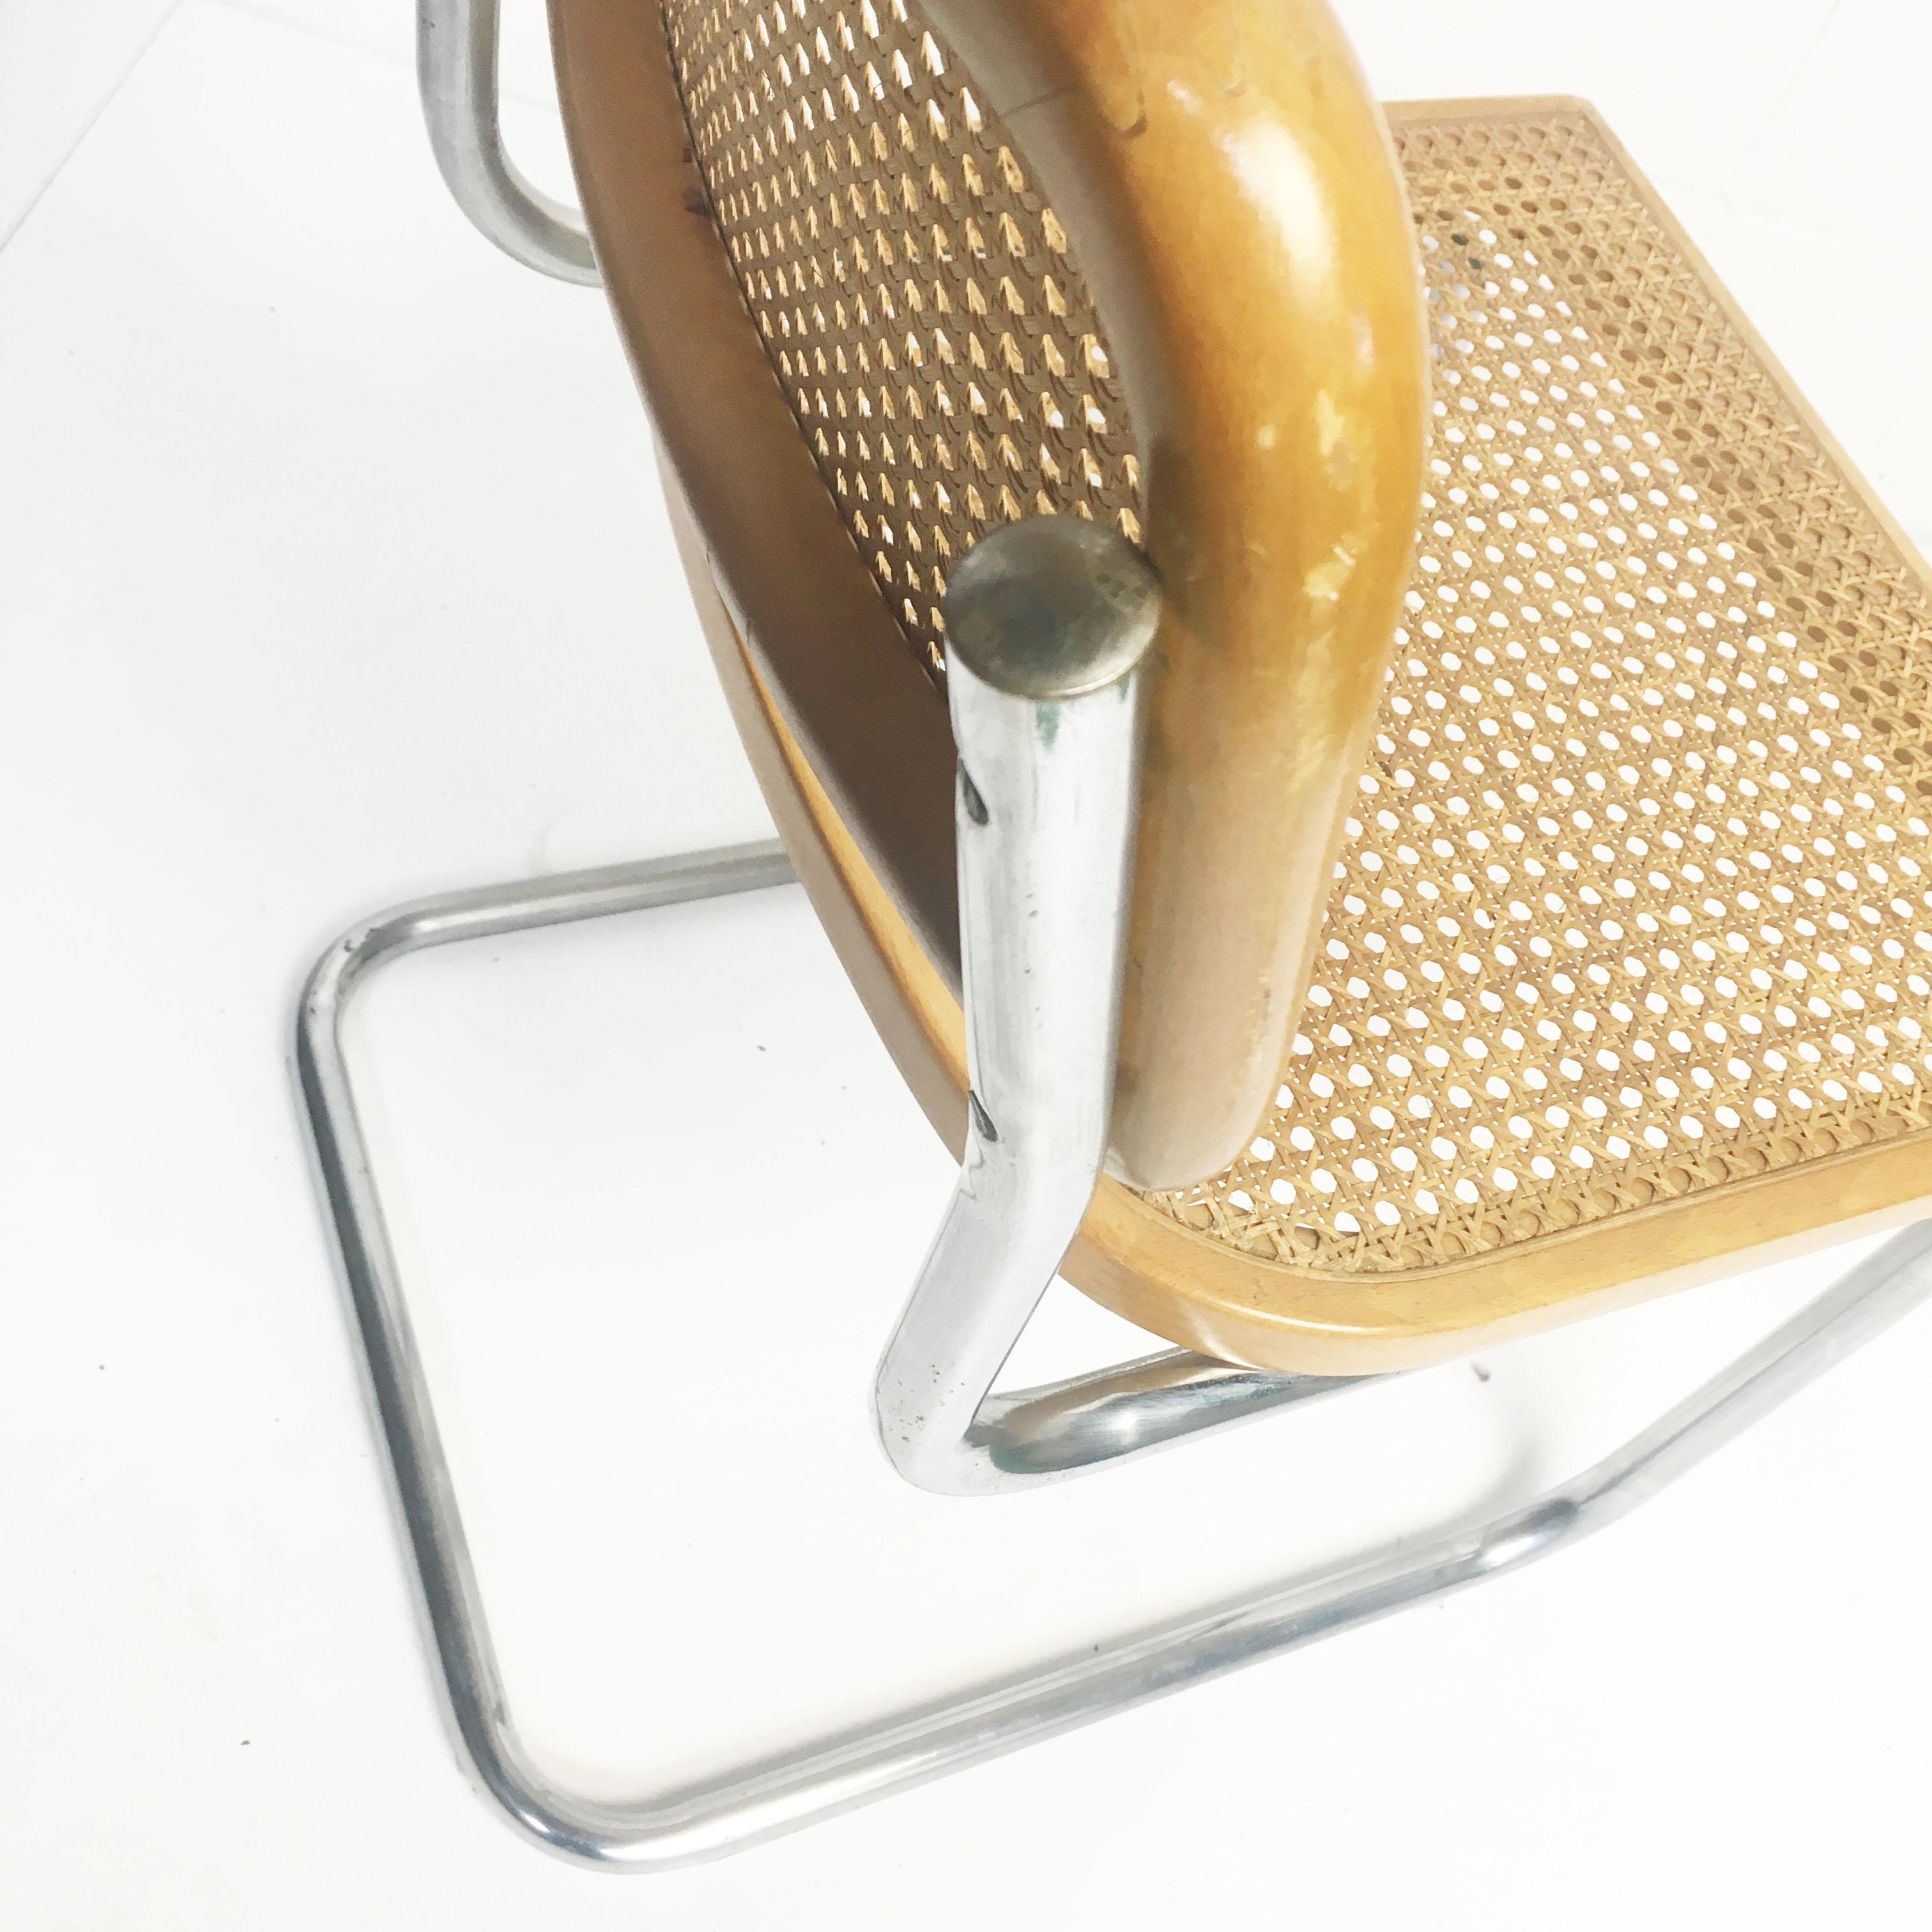 vintage thonet s32 stoel by marcel breuer bureau baantjer. Black Bedroom Furniture Sets. Home Design Ideas